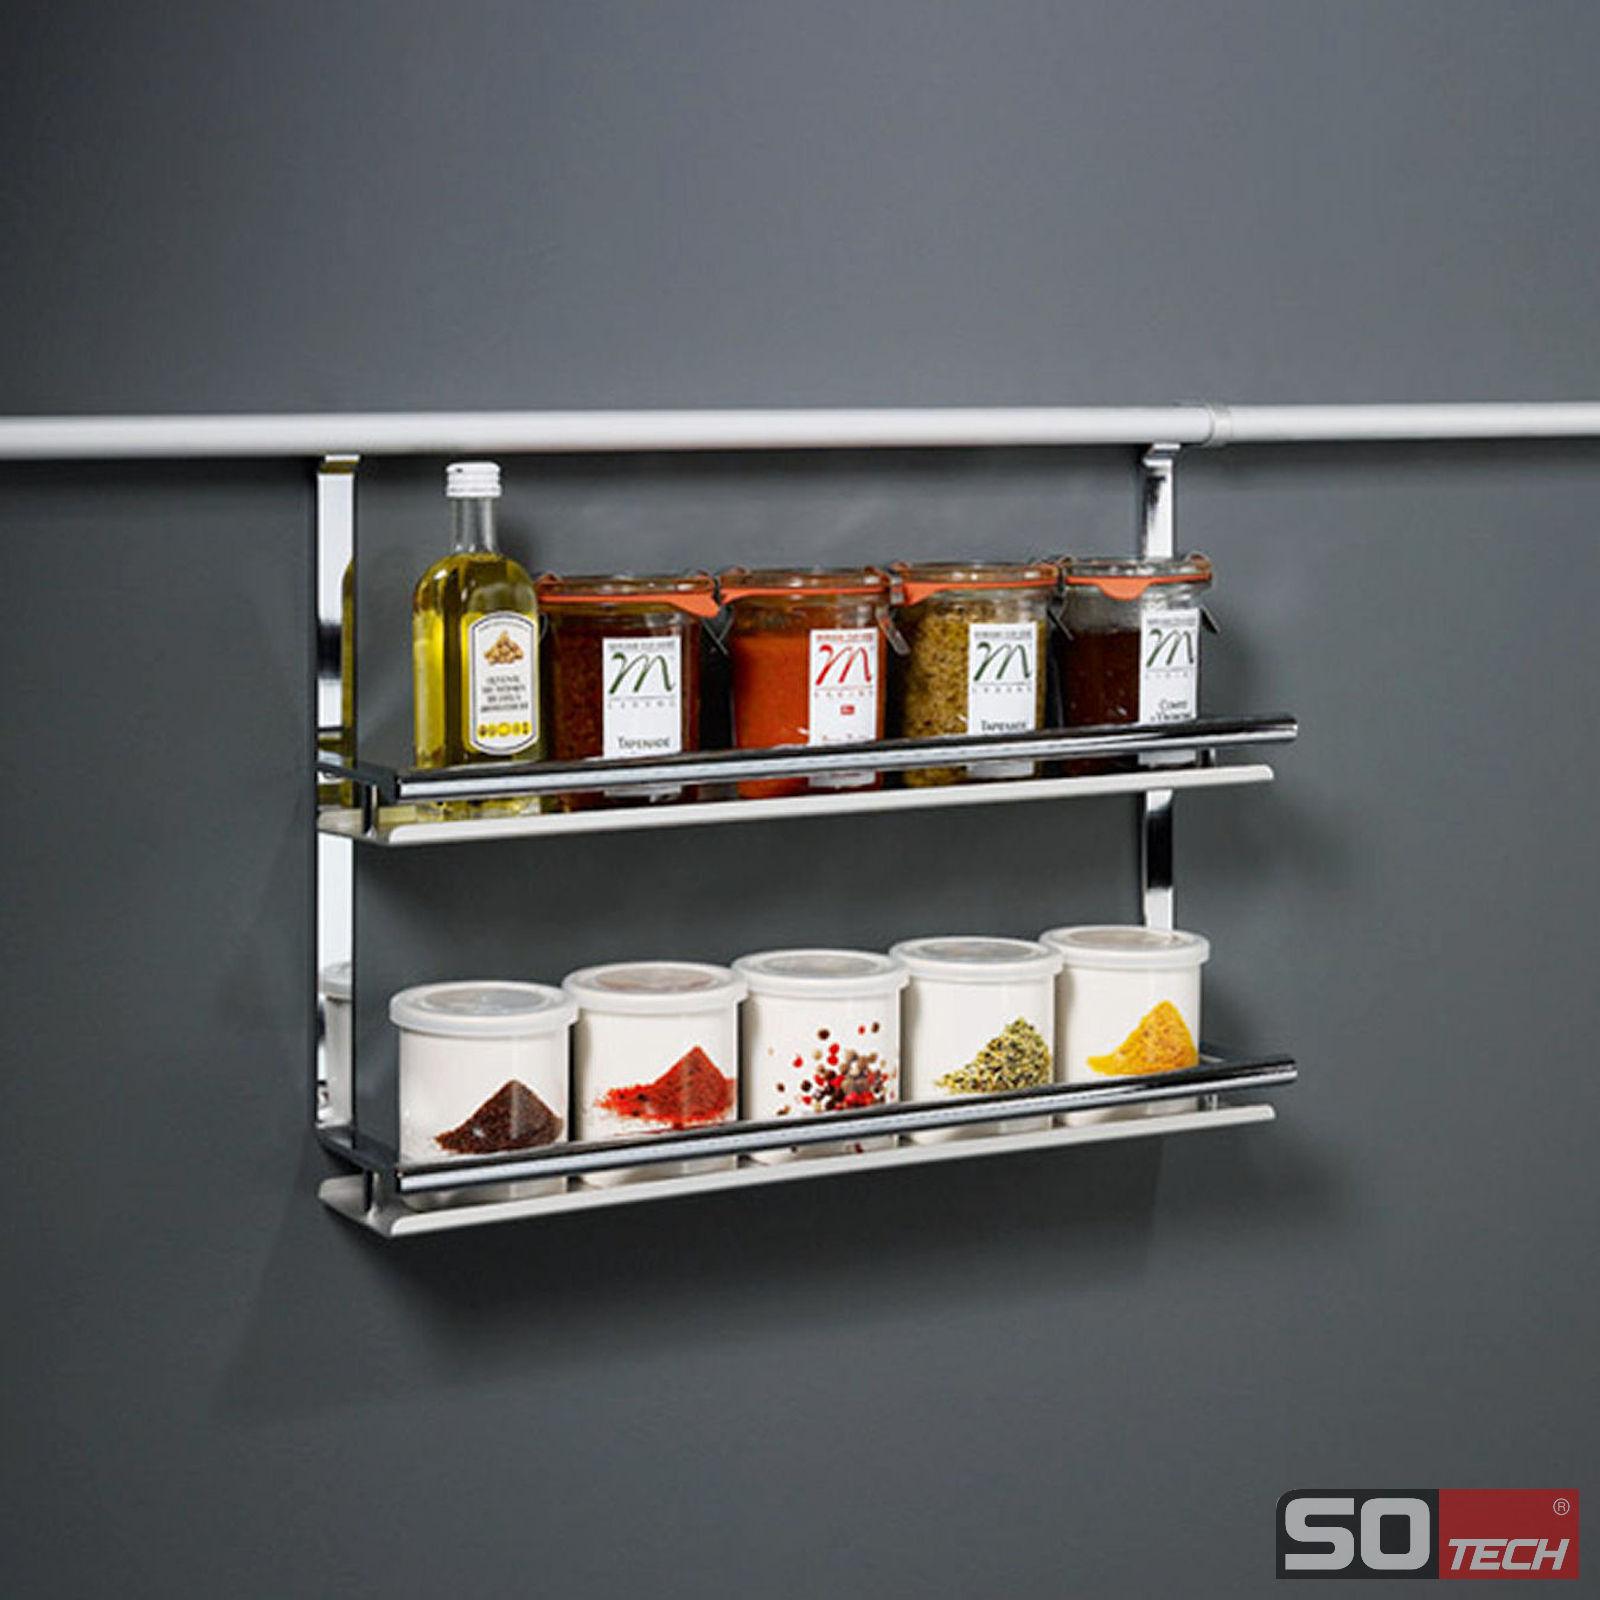 Kesseb hmer linero 2000 relingsystem k chenreling ebay for Food bar 2000